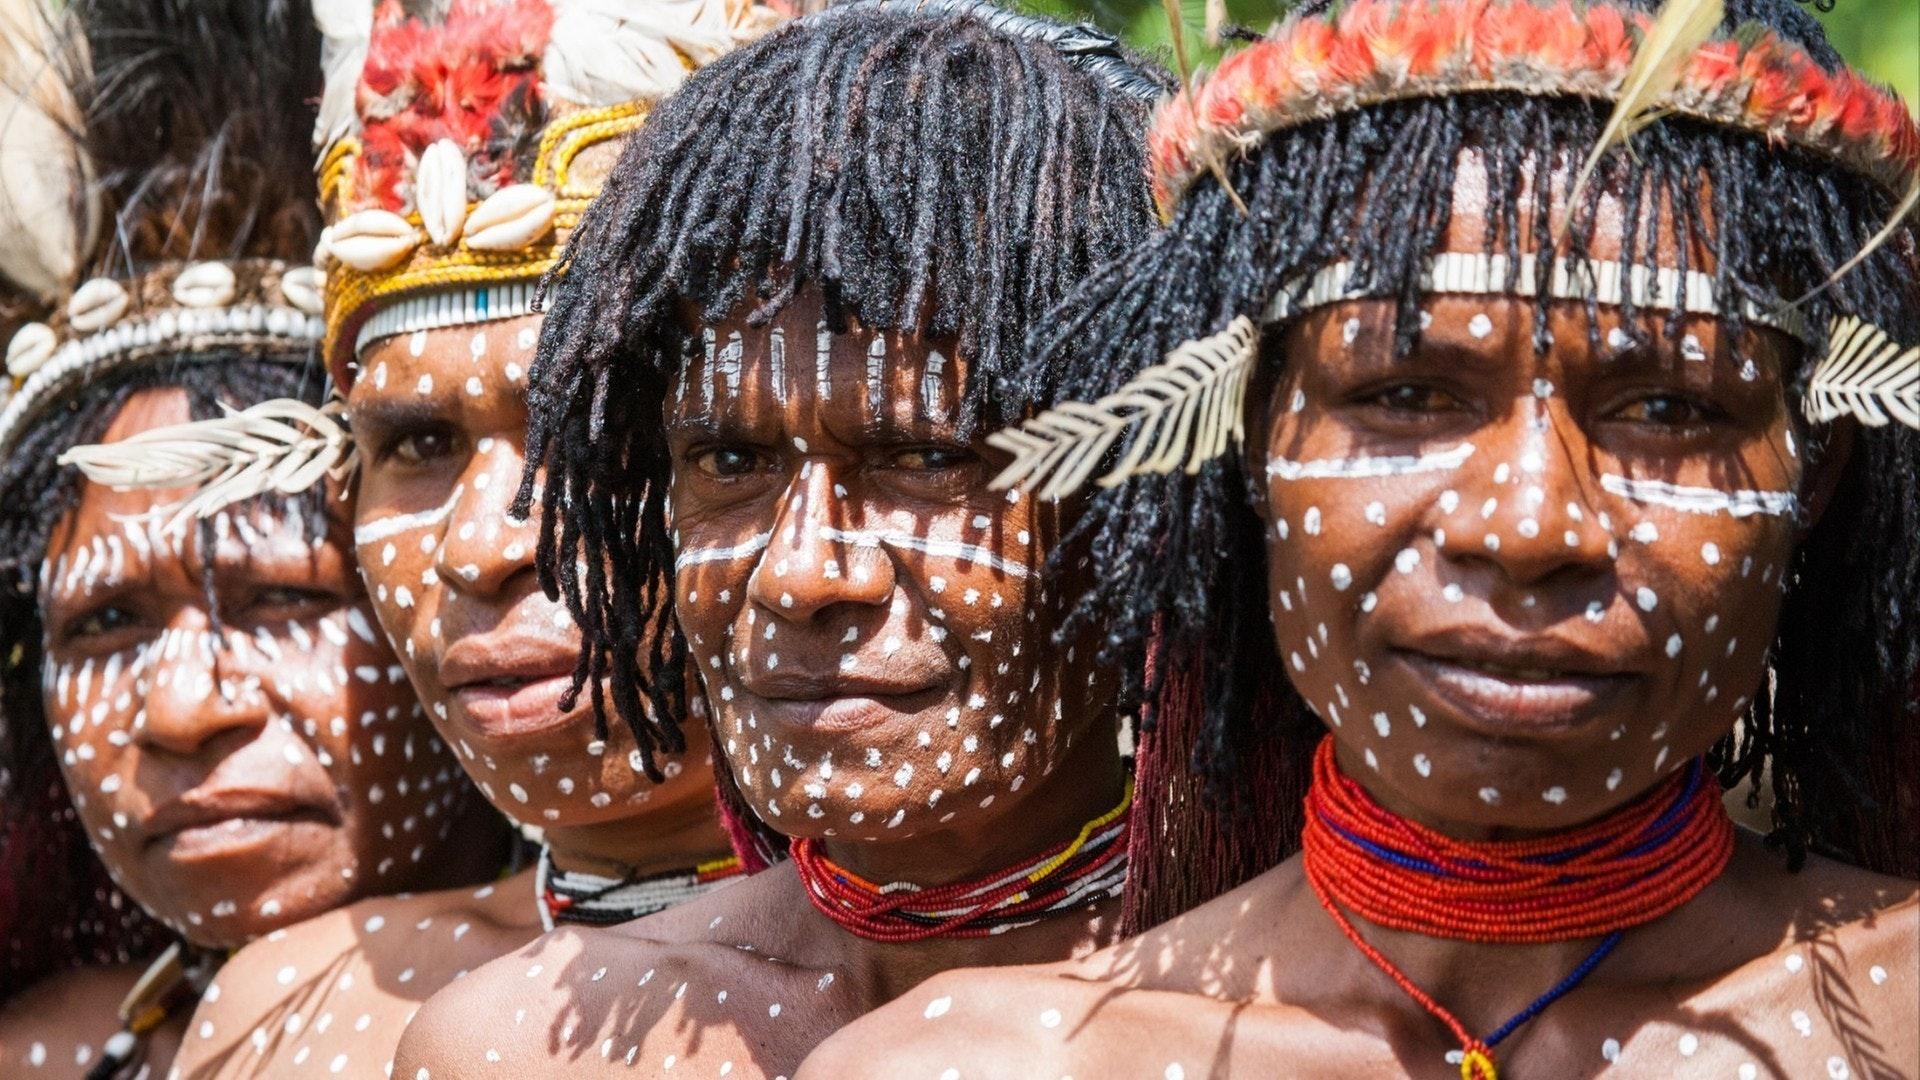 Portrait de femme Dani tribu dans la coloration rituelle sur le corps et le visage